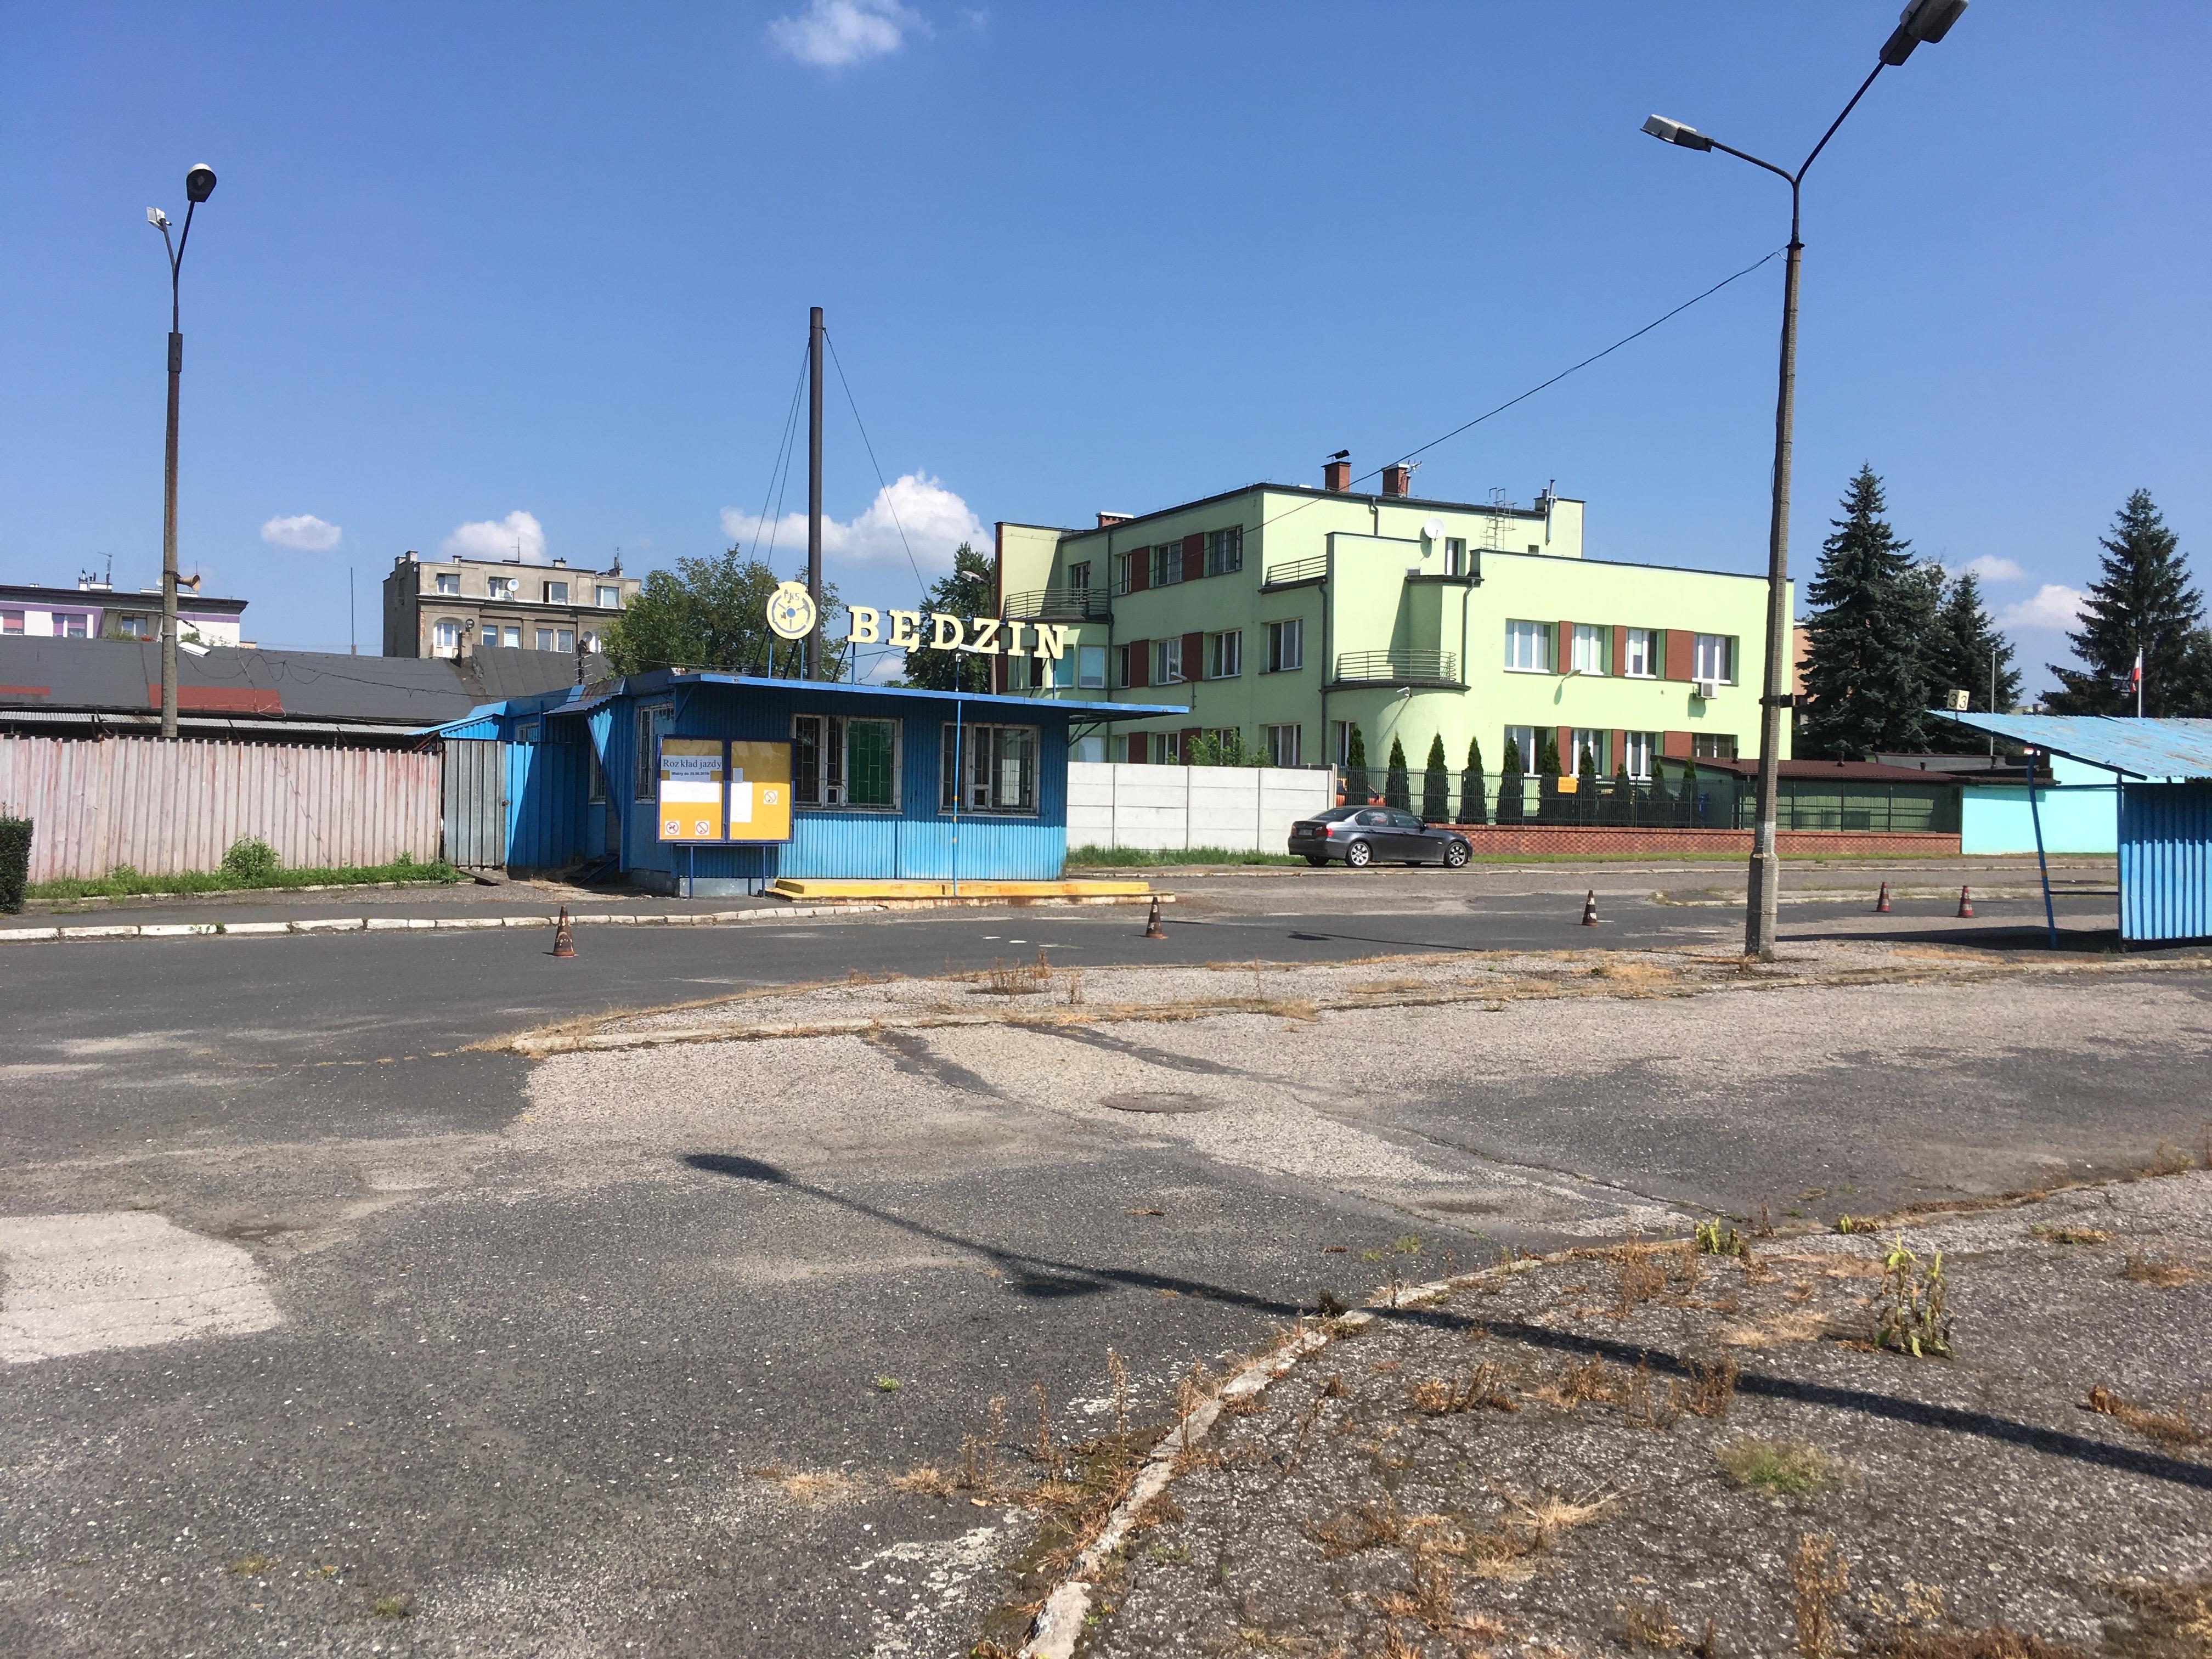 Fig 15 Bedzin former bus station, former Hakoach Sports Gournd, August 2018